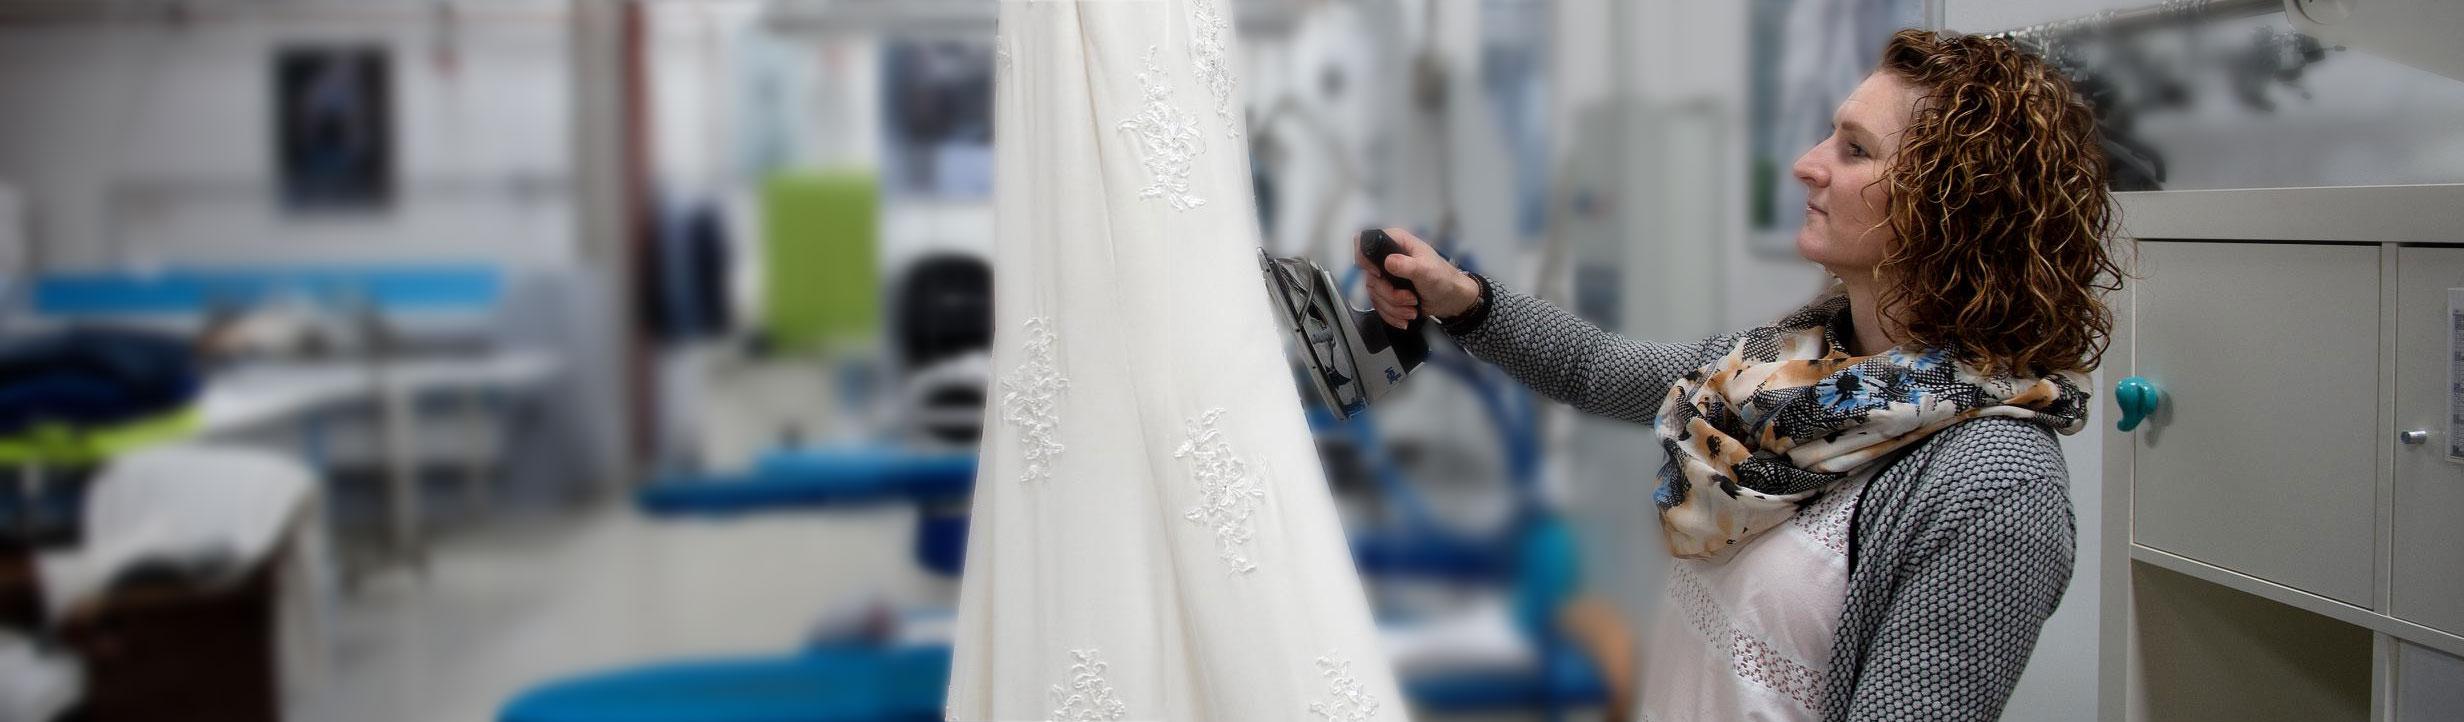 Rensning af brudekjoler